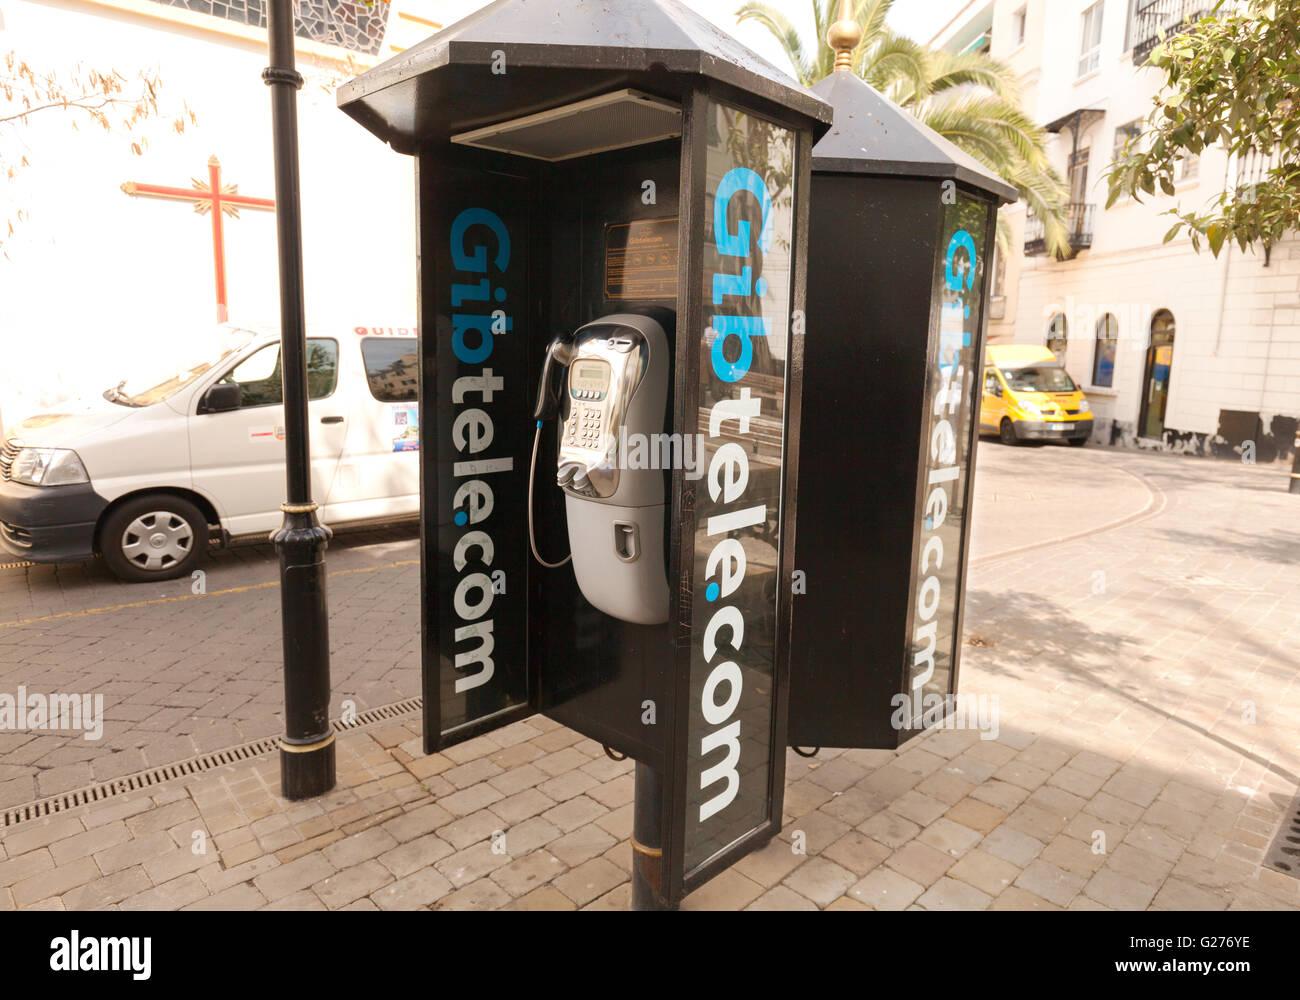 Gibraltar telecom ( Gibtele.com ) phone box, Main St, Gibraltar Europe - Stock Image